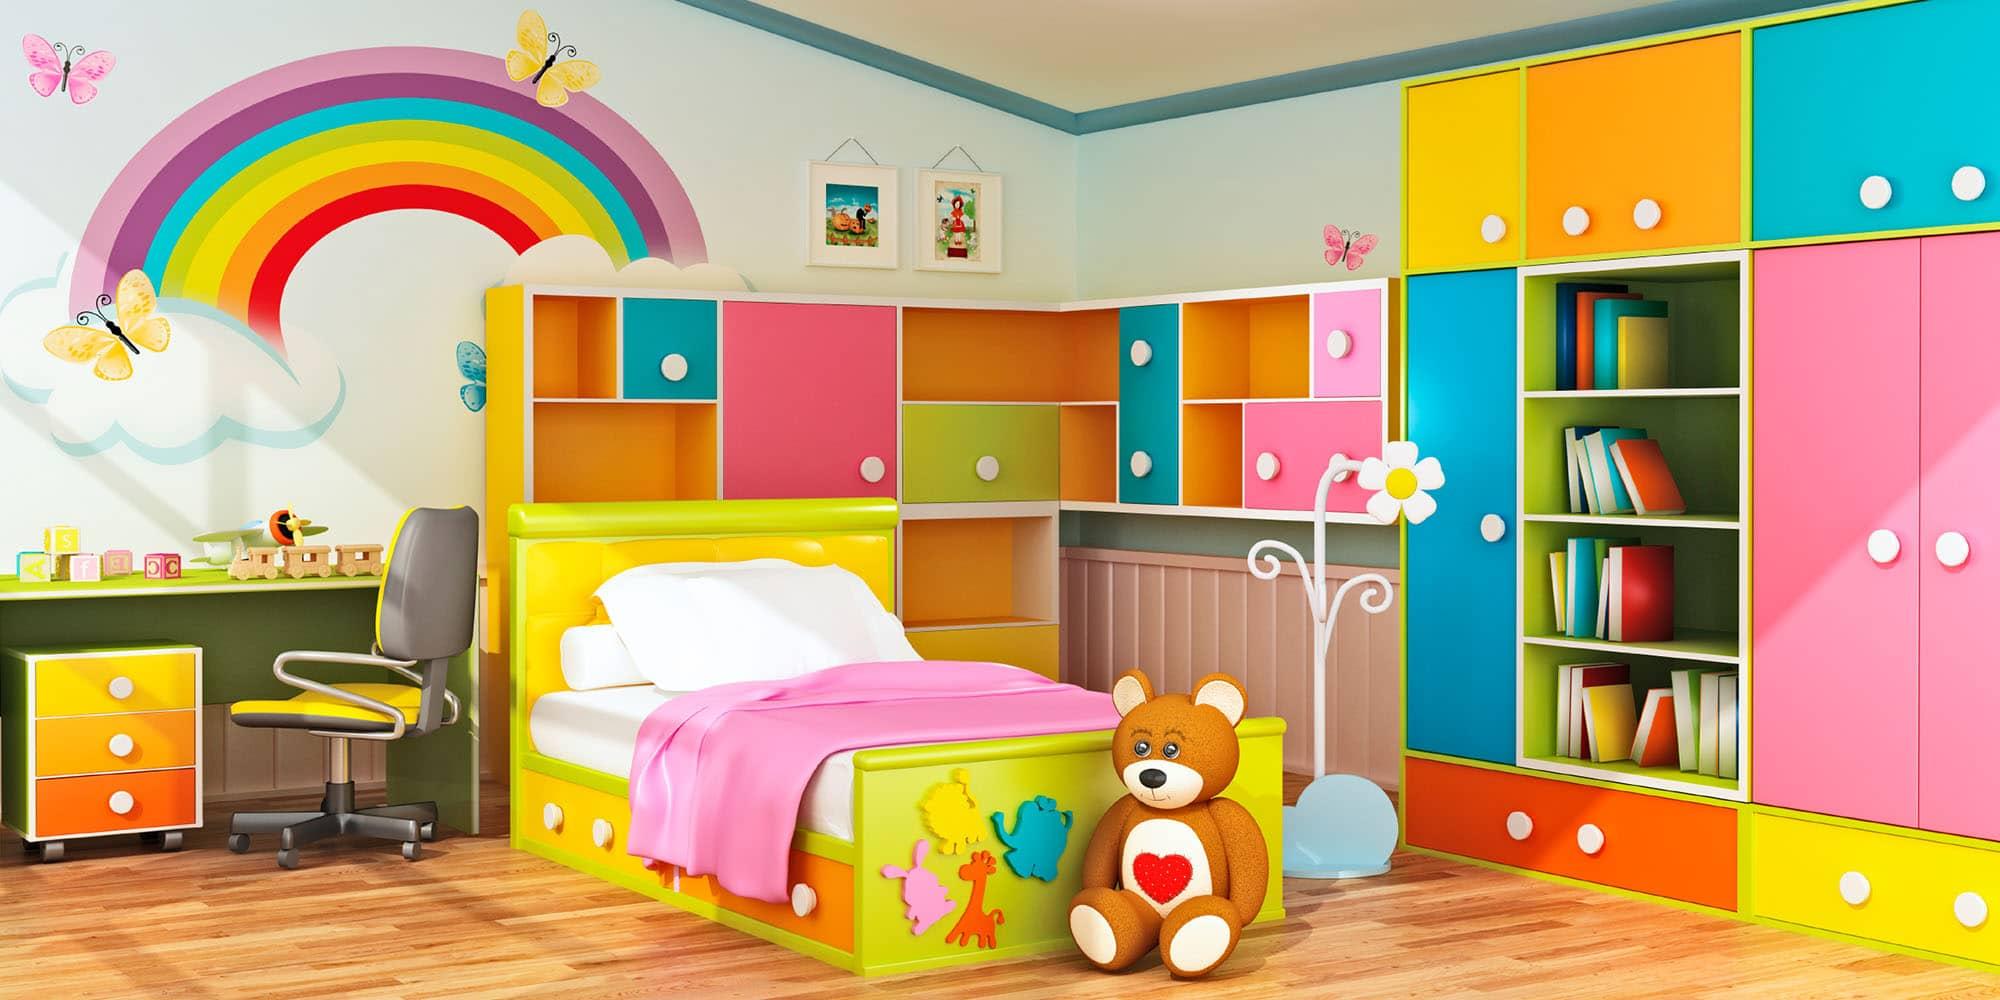 بالصور ديكورات غرف اطفال , اشكال جديدة لغرفة نوم الاطفال 954 1